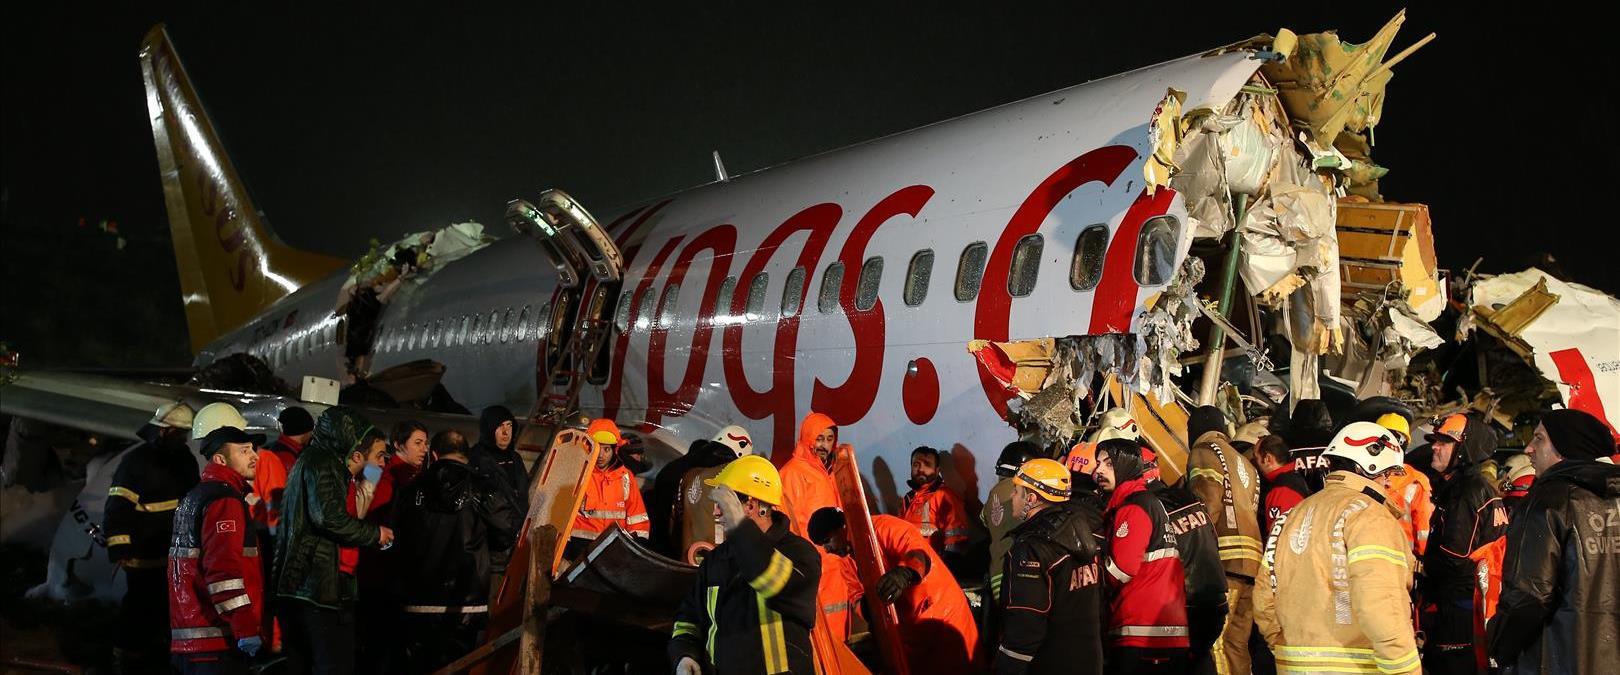 זירת ההתרסקות באיסטנבול